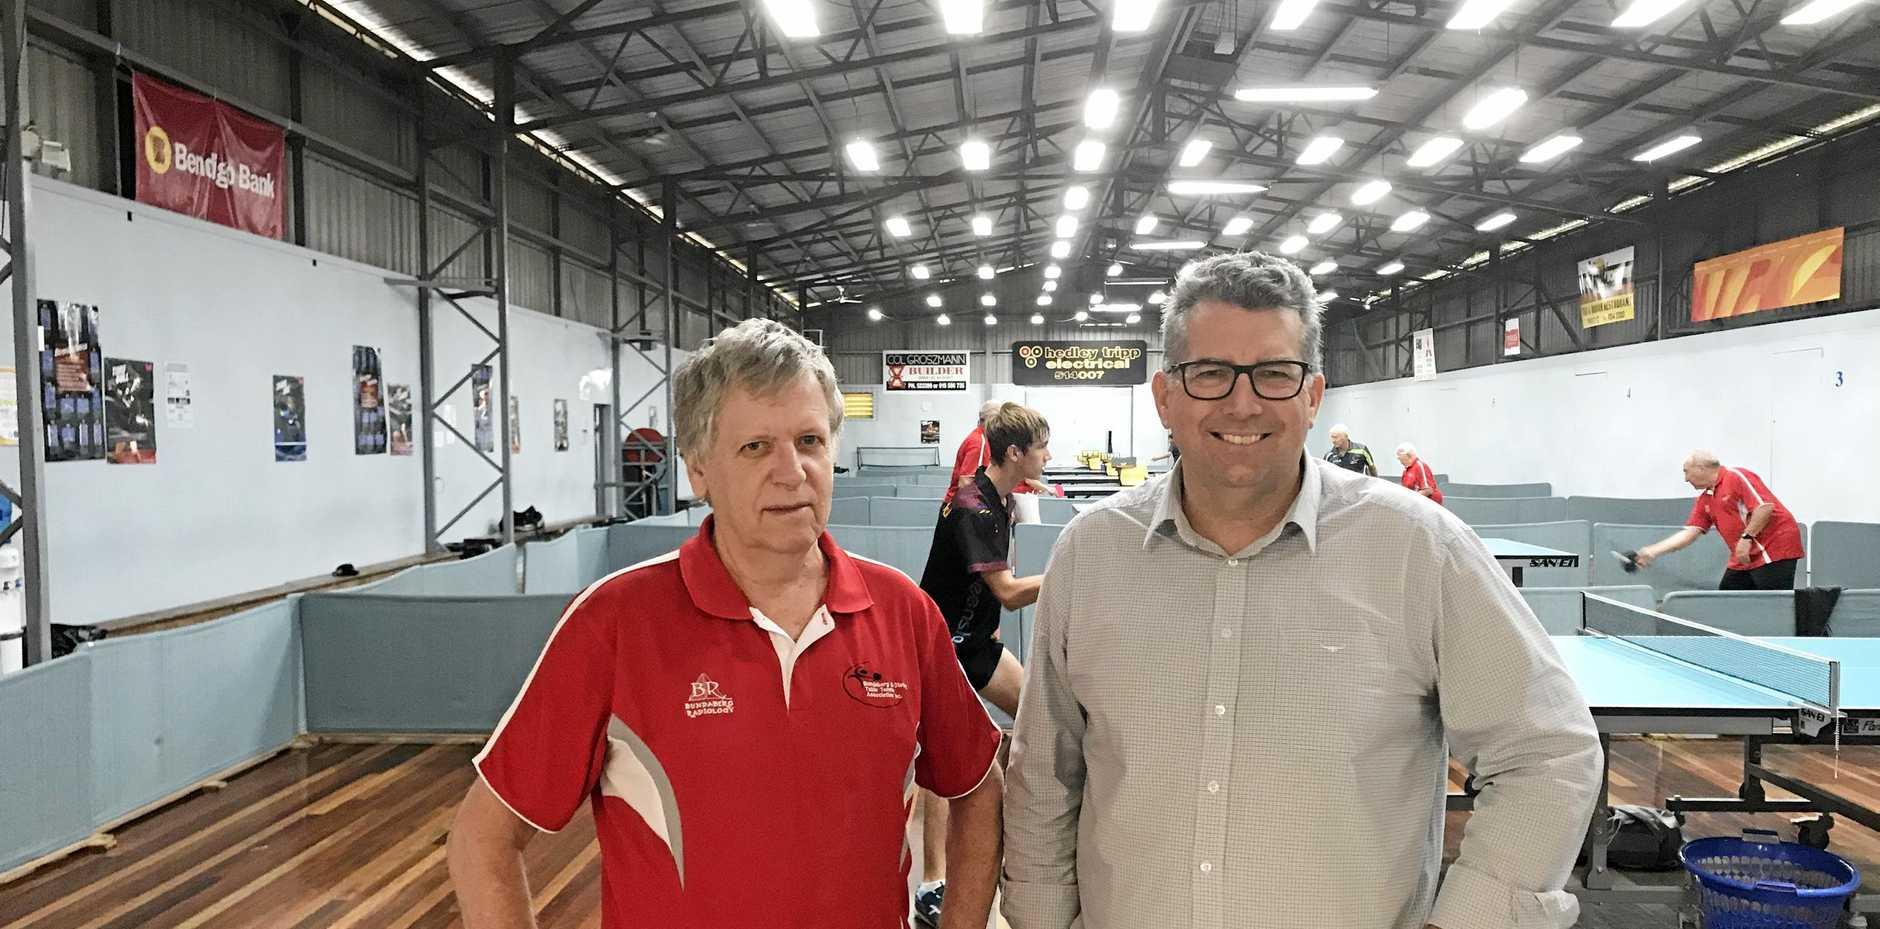 TALKING TENNIS: Bundaberg Table Tennis Association's Dave Delpratt with Member for Hinkler Keith Pitt.